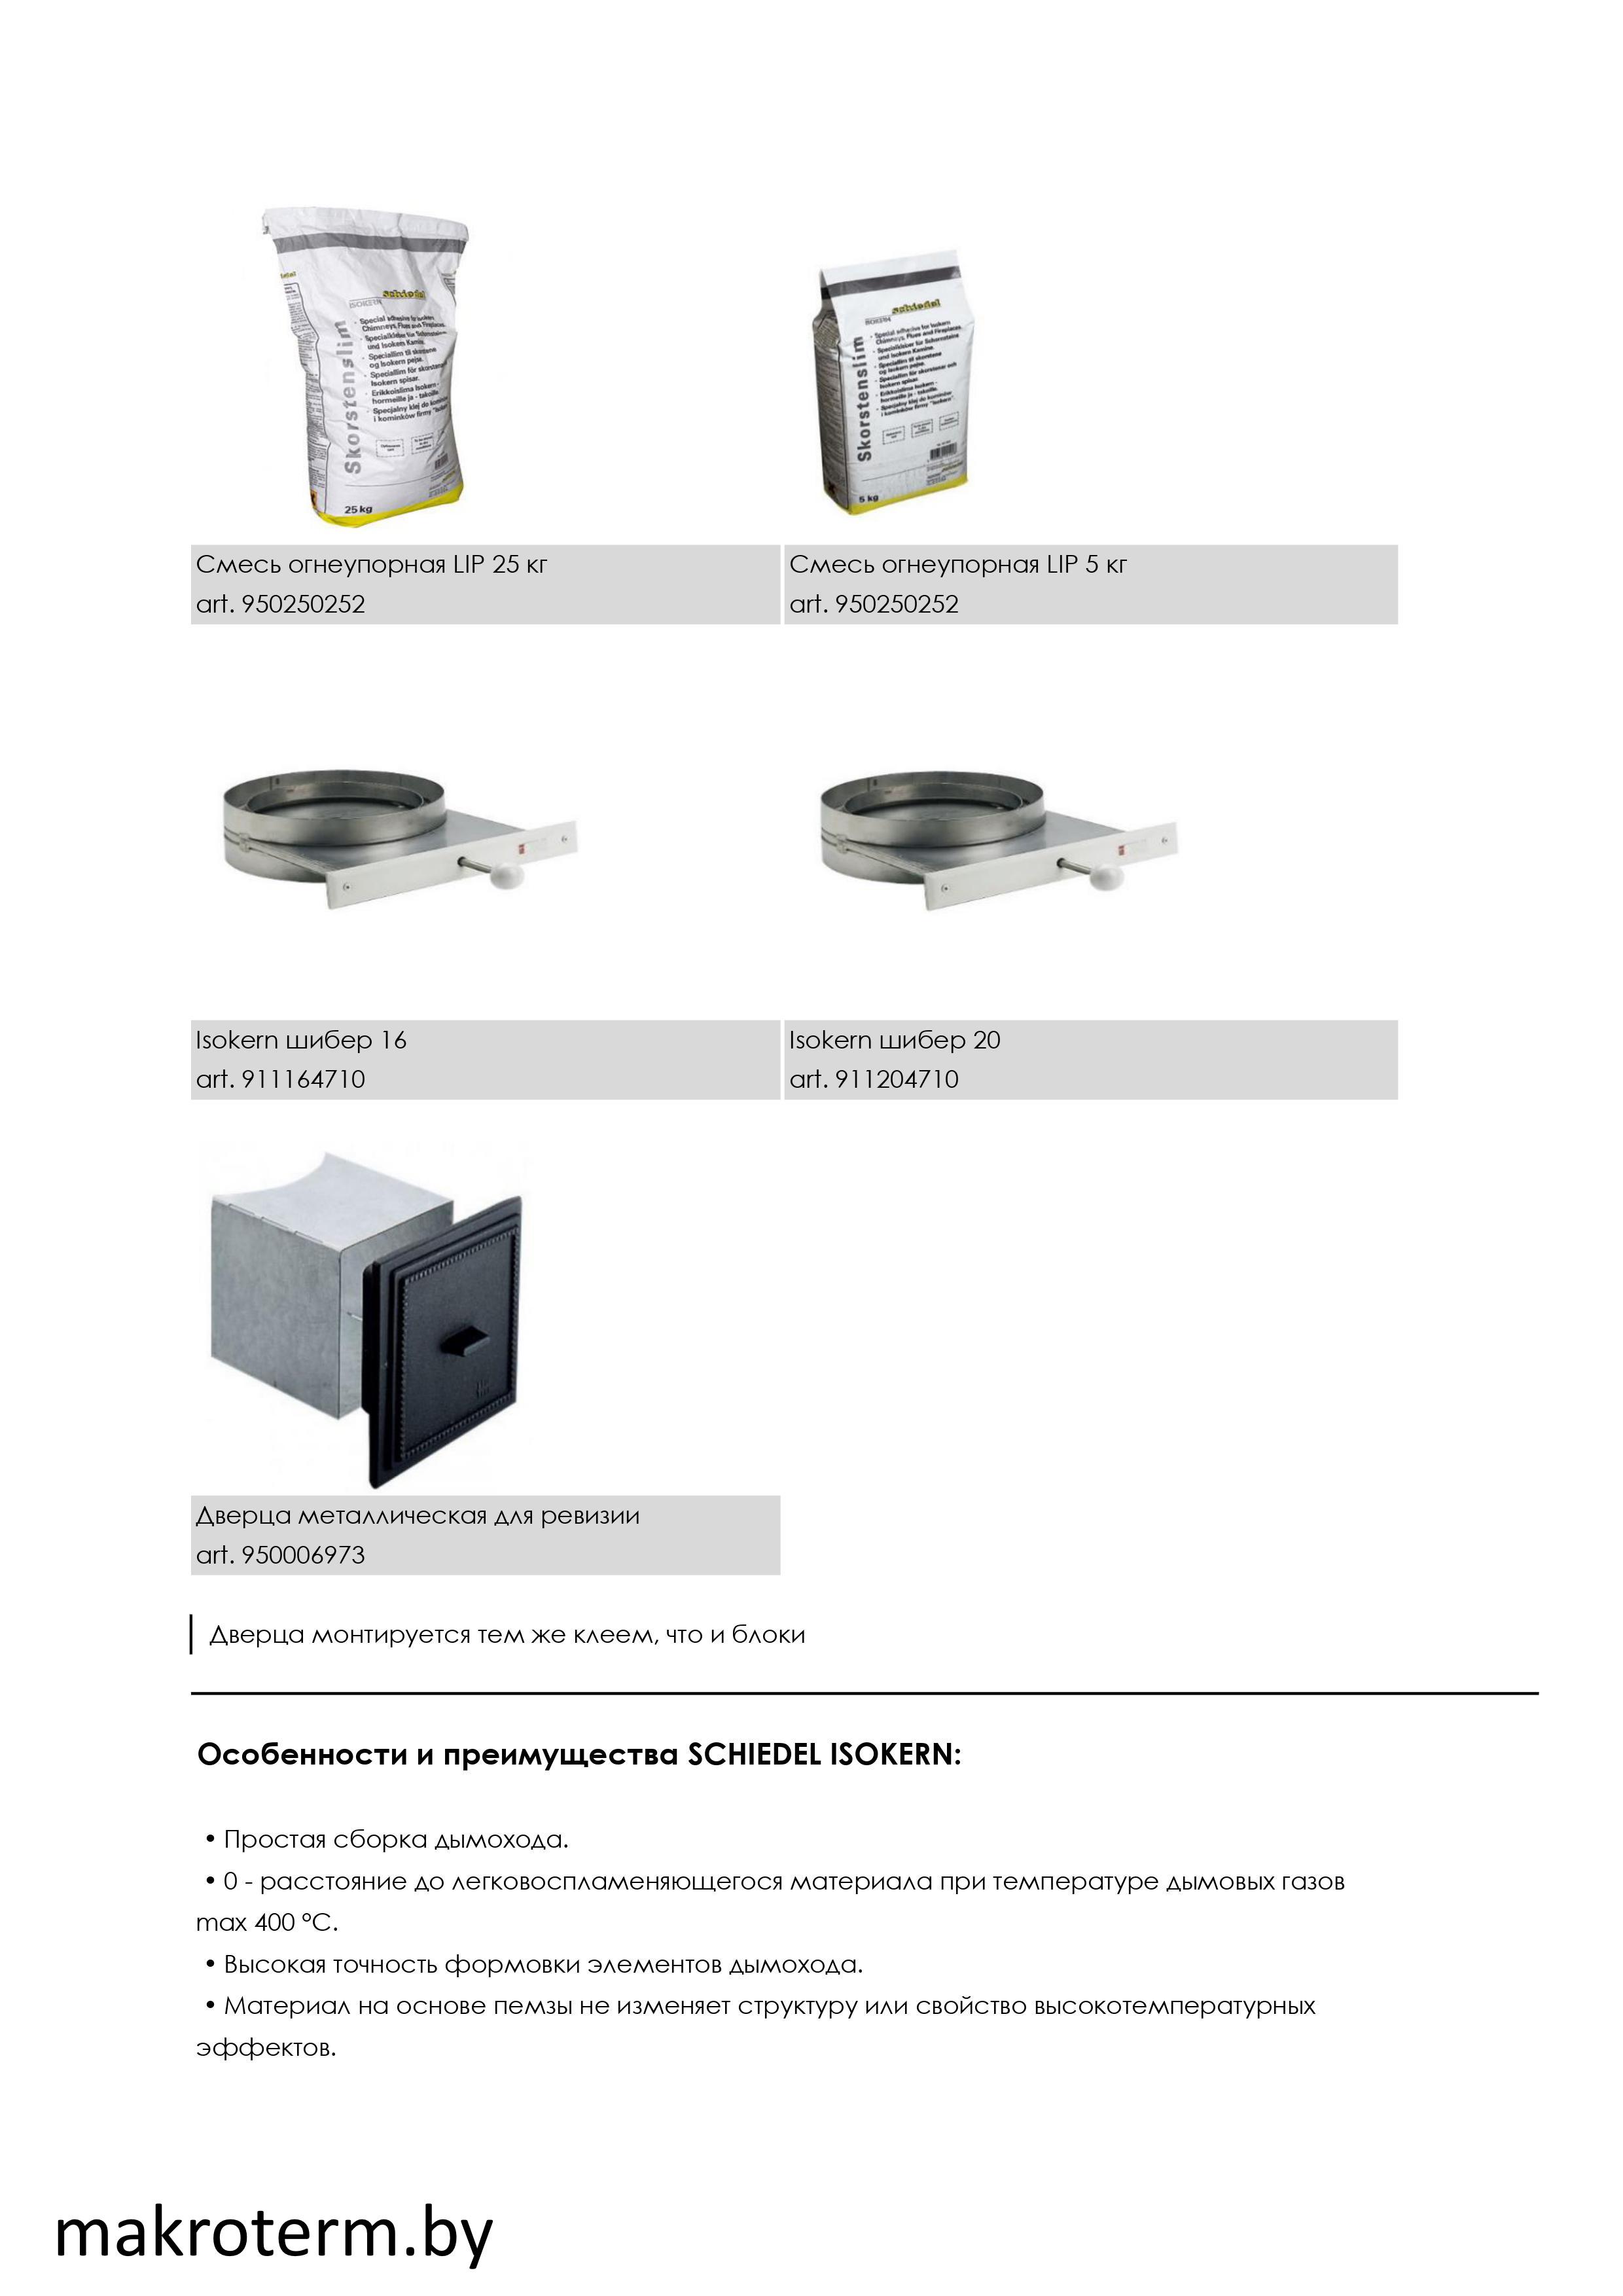 Стоимость дымоходов Schiedel ISOKERN